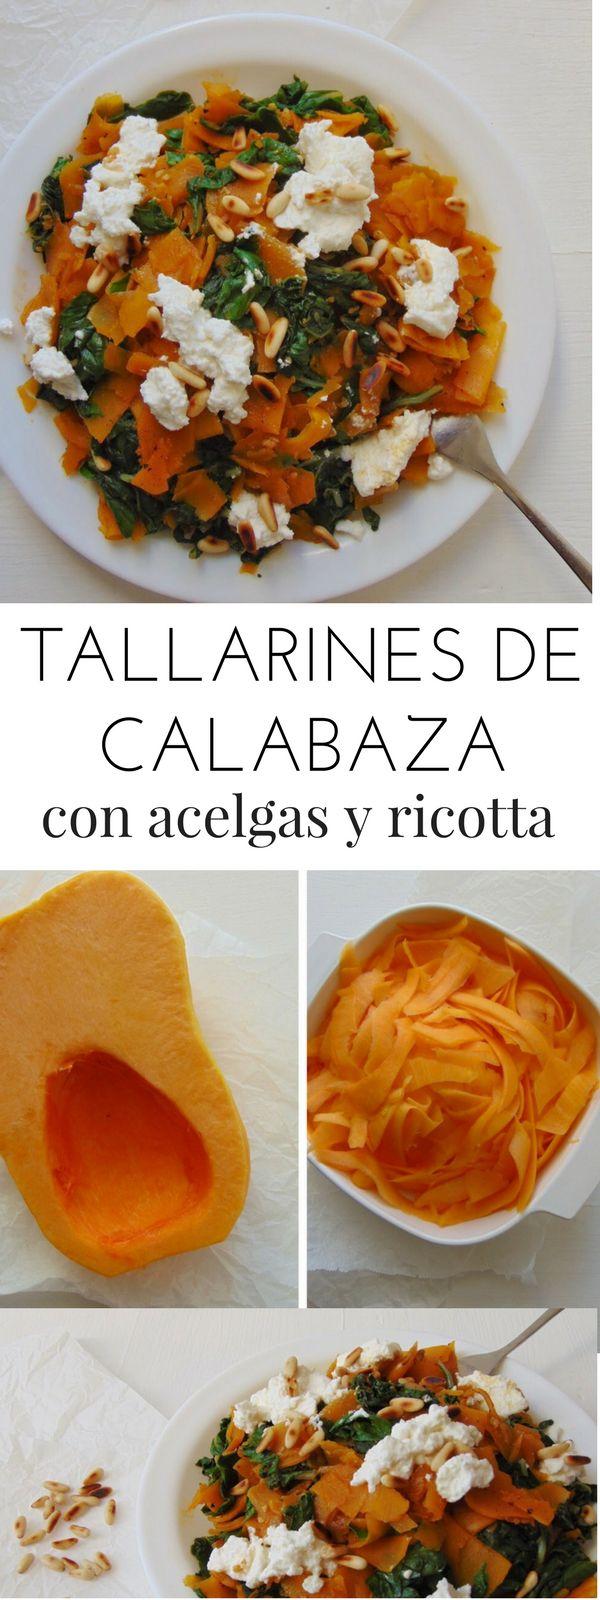 Tallarines de calabaza con acelgas y ricotta | Receta fácil y saludable paso a paso | Alternativa a la pasta | Tasty details